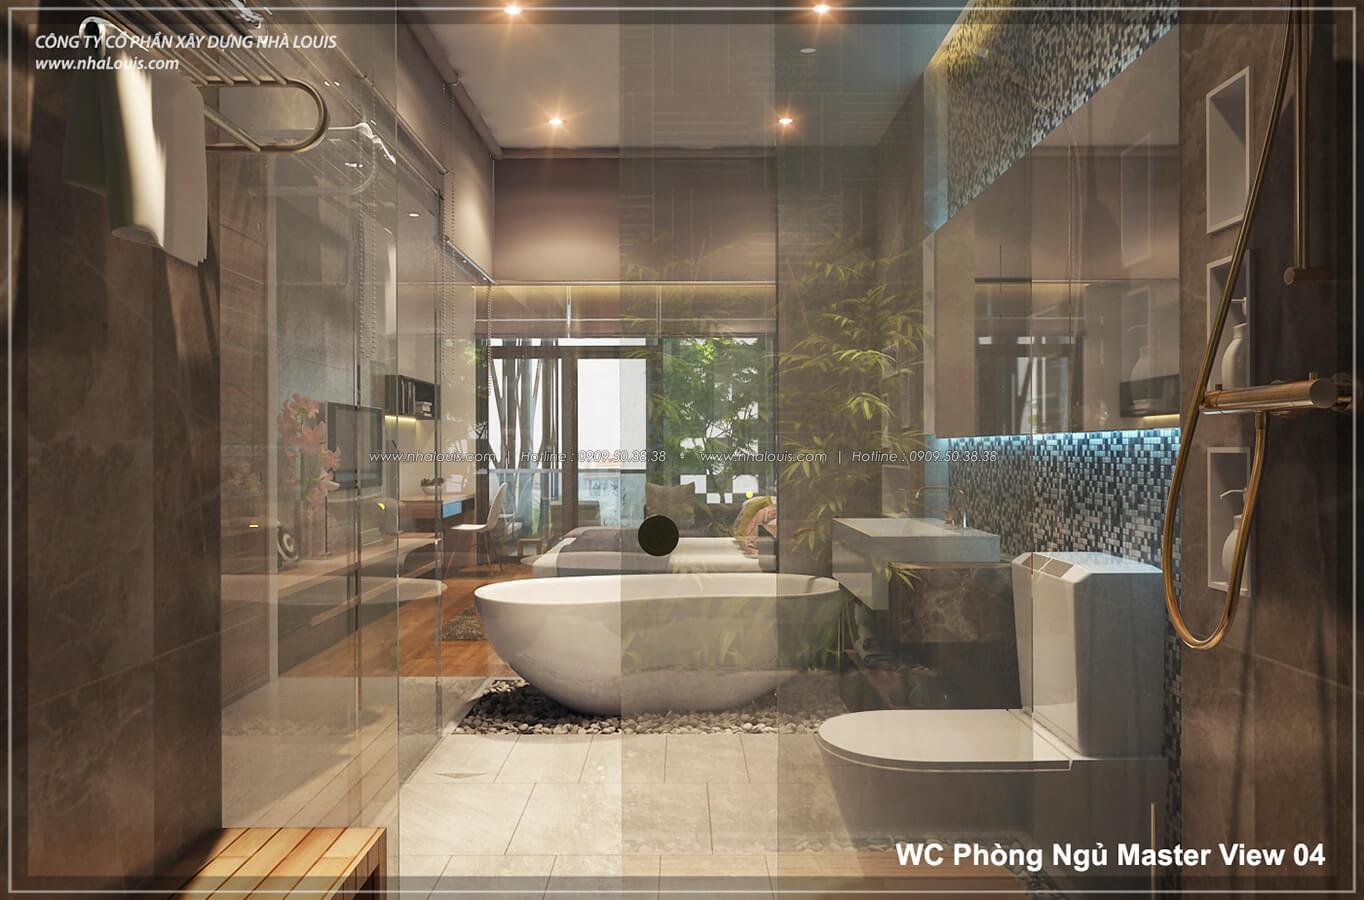 Phòng tắm với không gian xanh trong nhà tại Quận 7 - 42